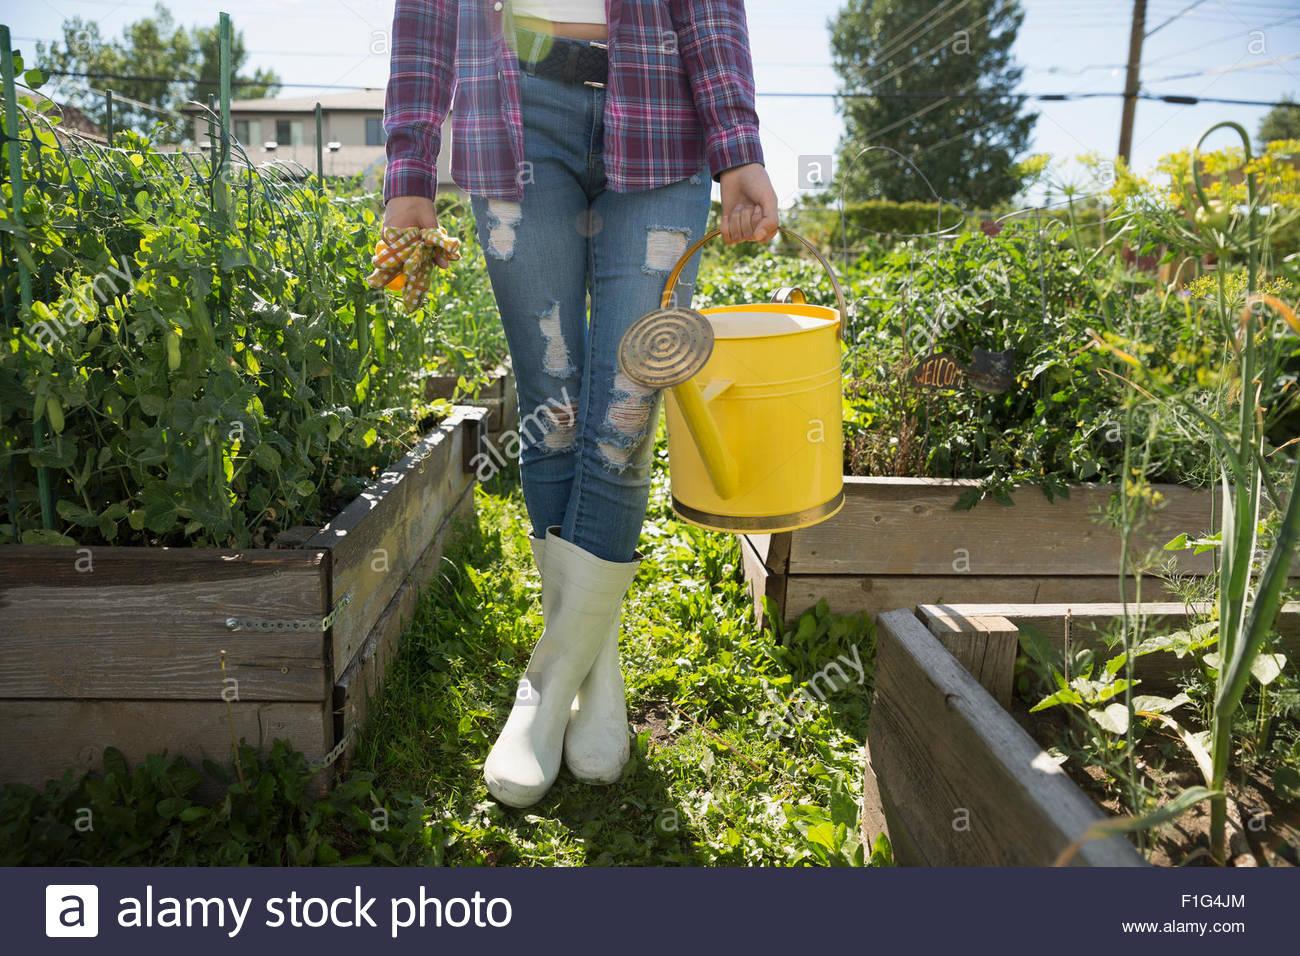 Junge Frau Gummistiefel halten Gießkanne Garten Stockbild